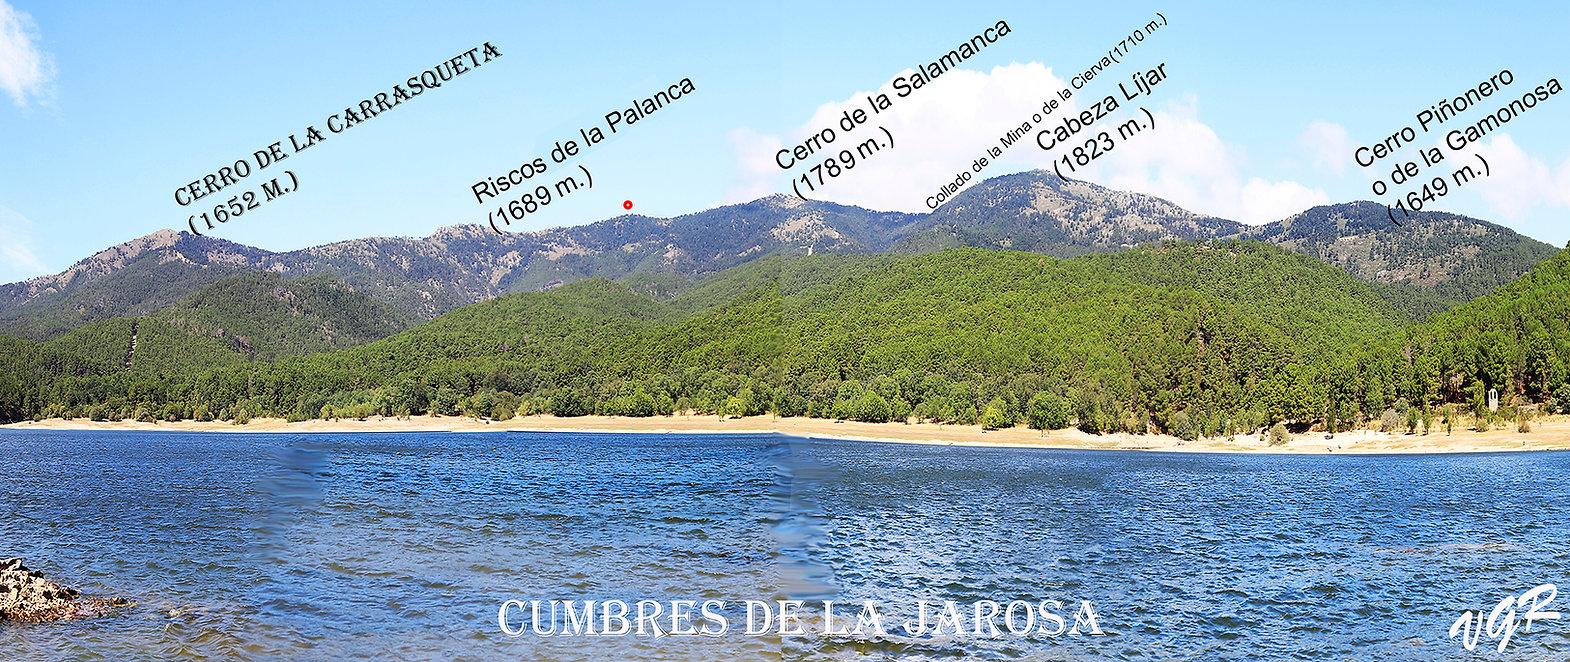 Cumbres de la Jarosa-WEB-2.jpg